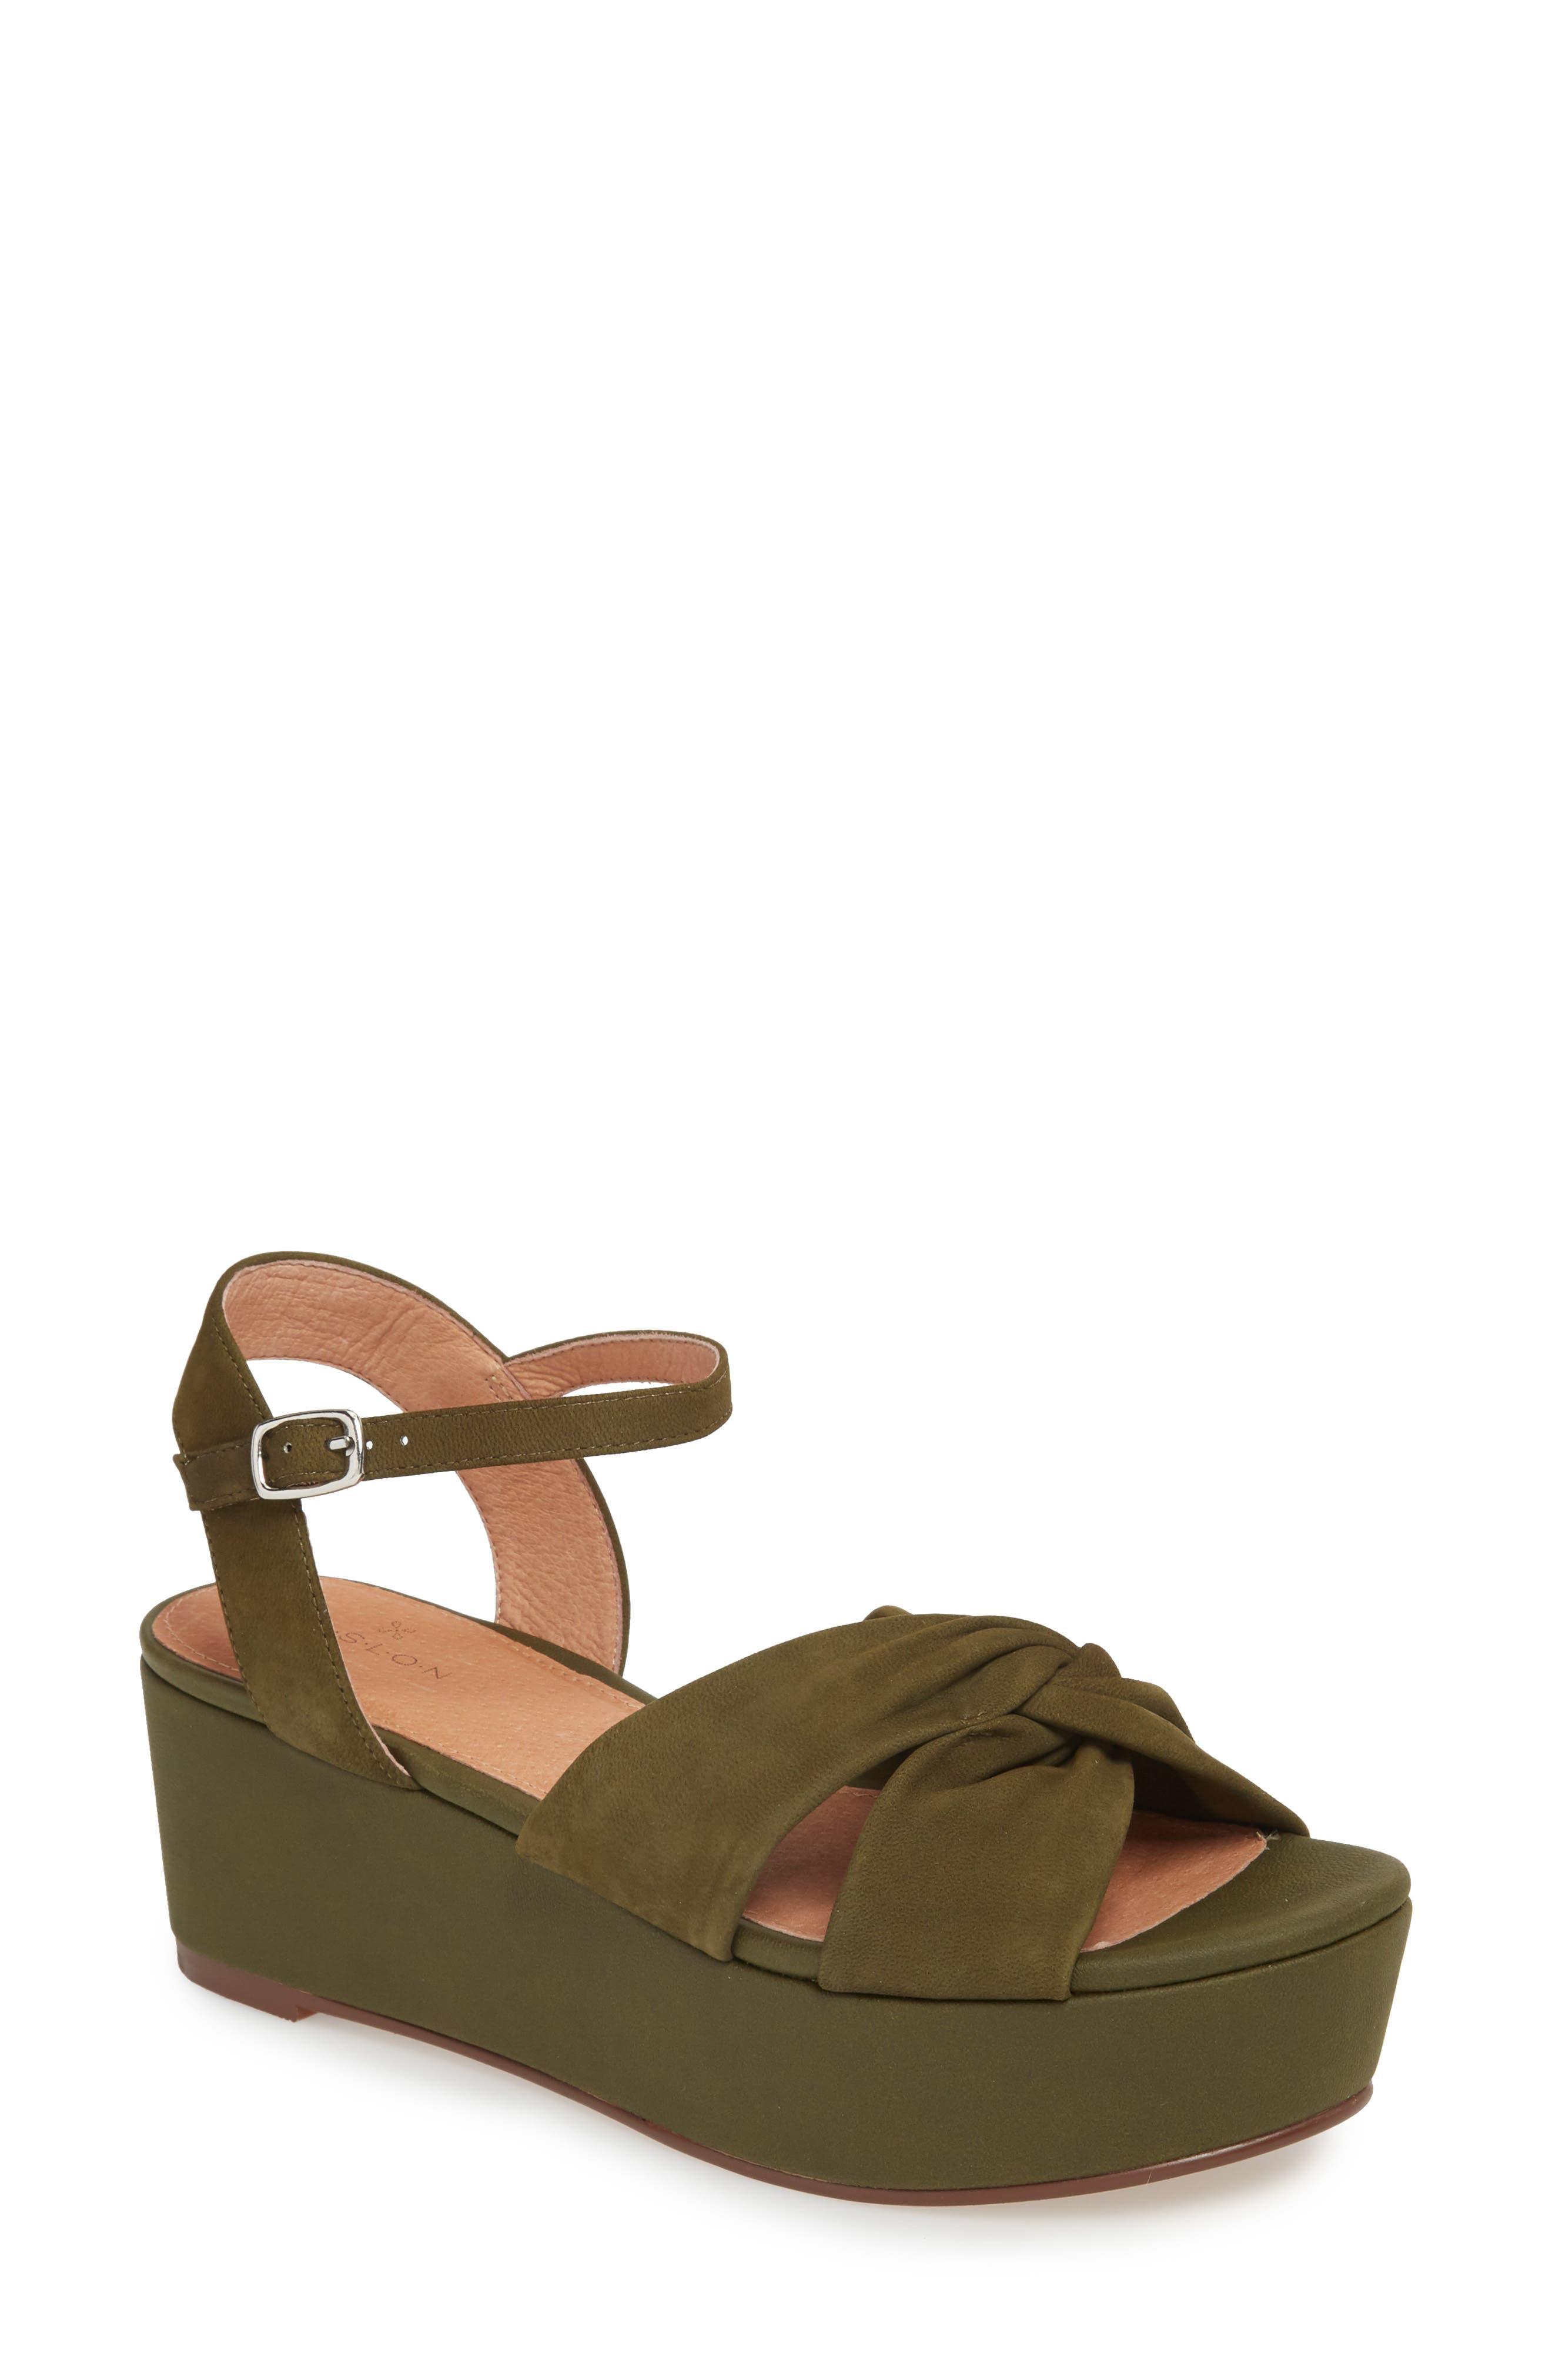 Ryder Platform Sandal,                             Main thumbnail 1, color,                             Olive Nubuck